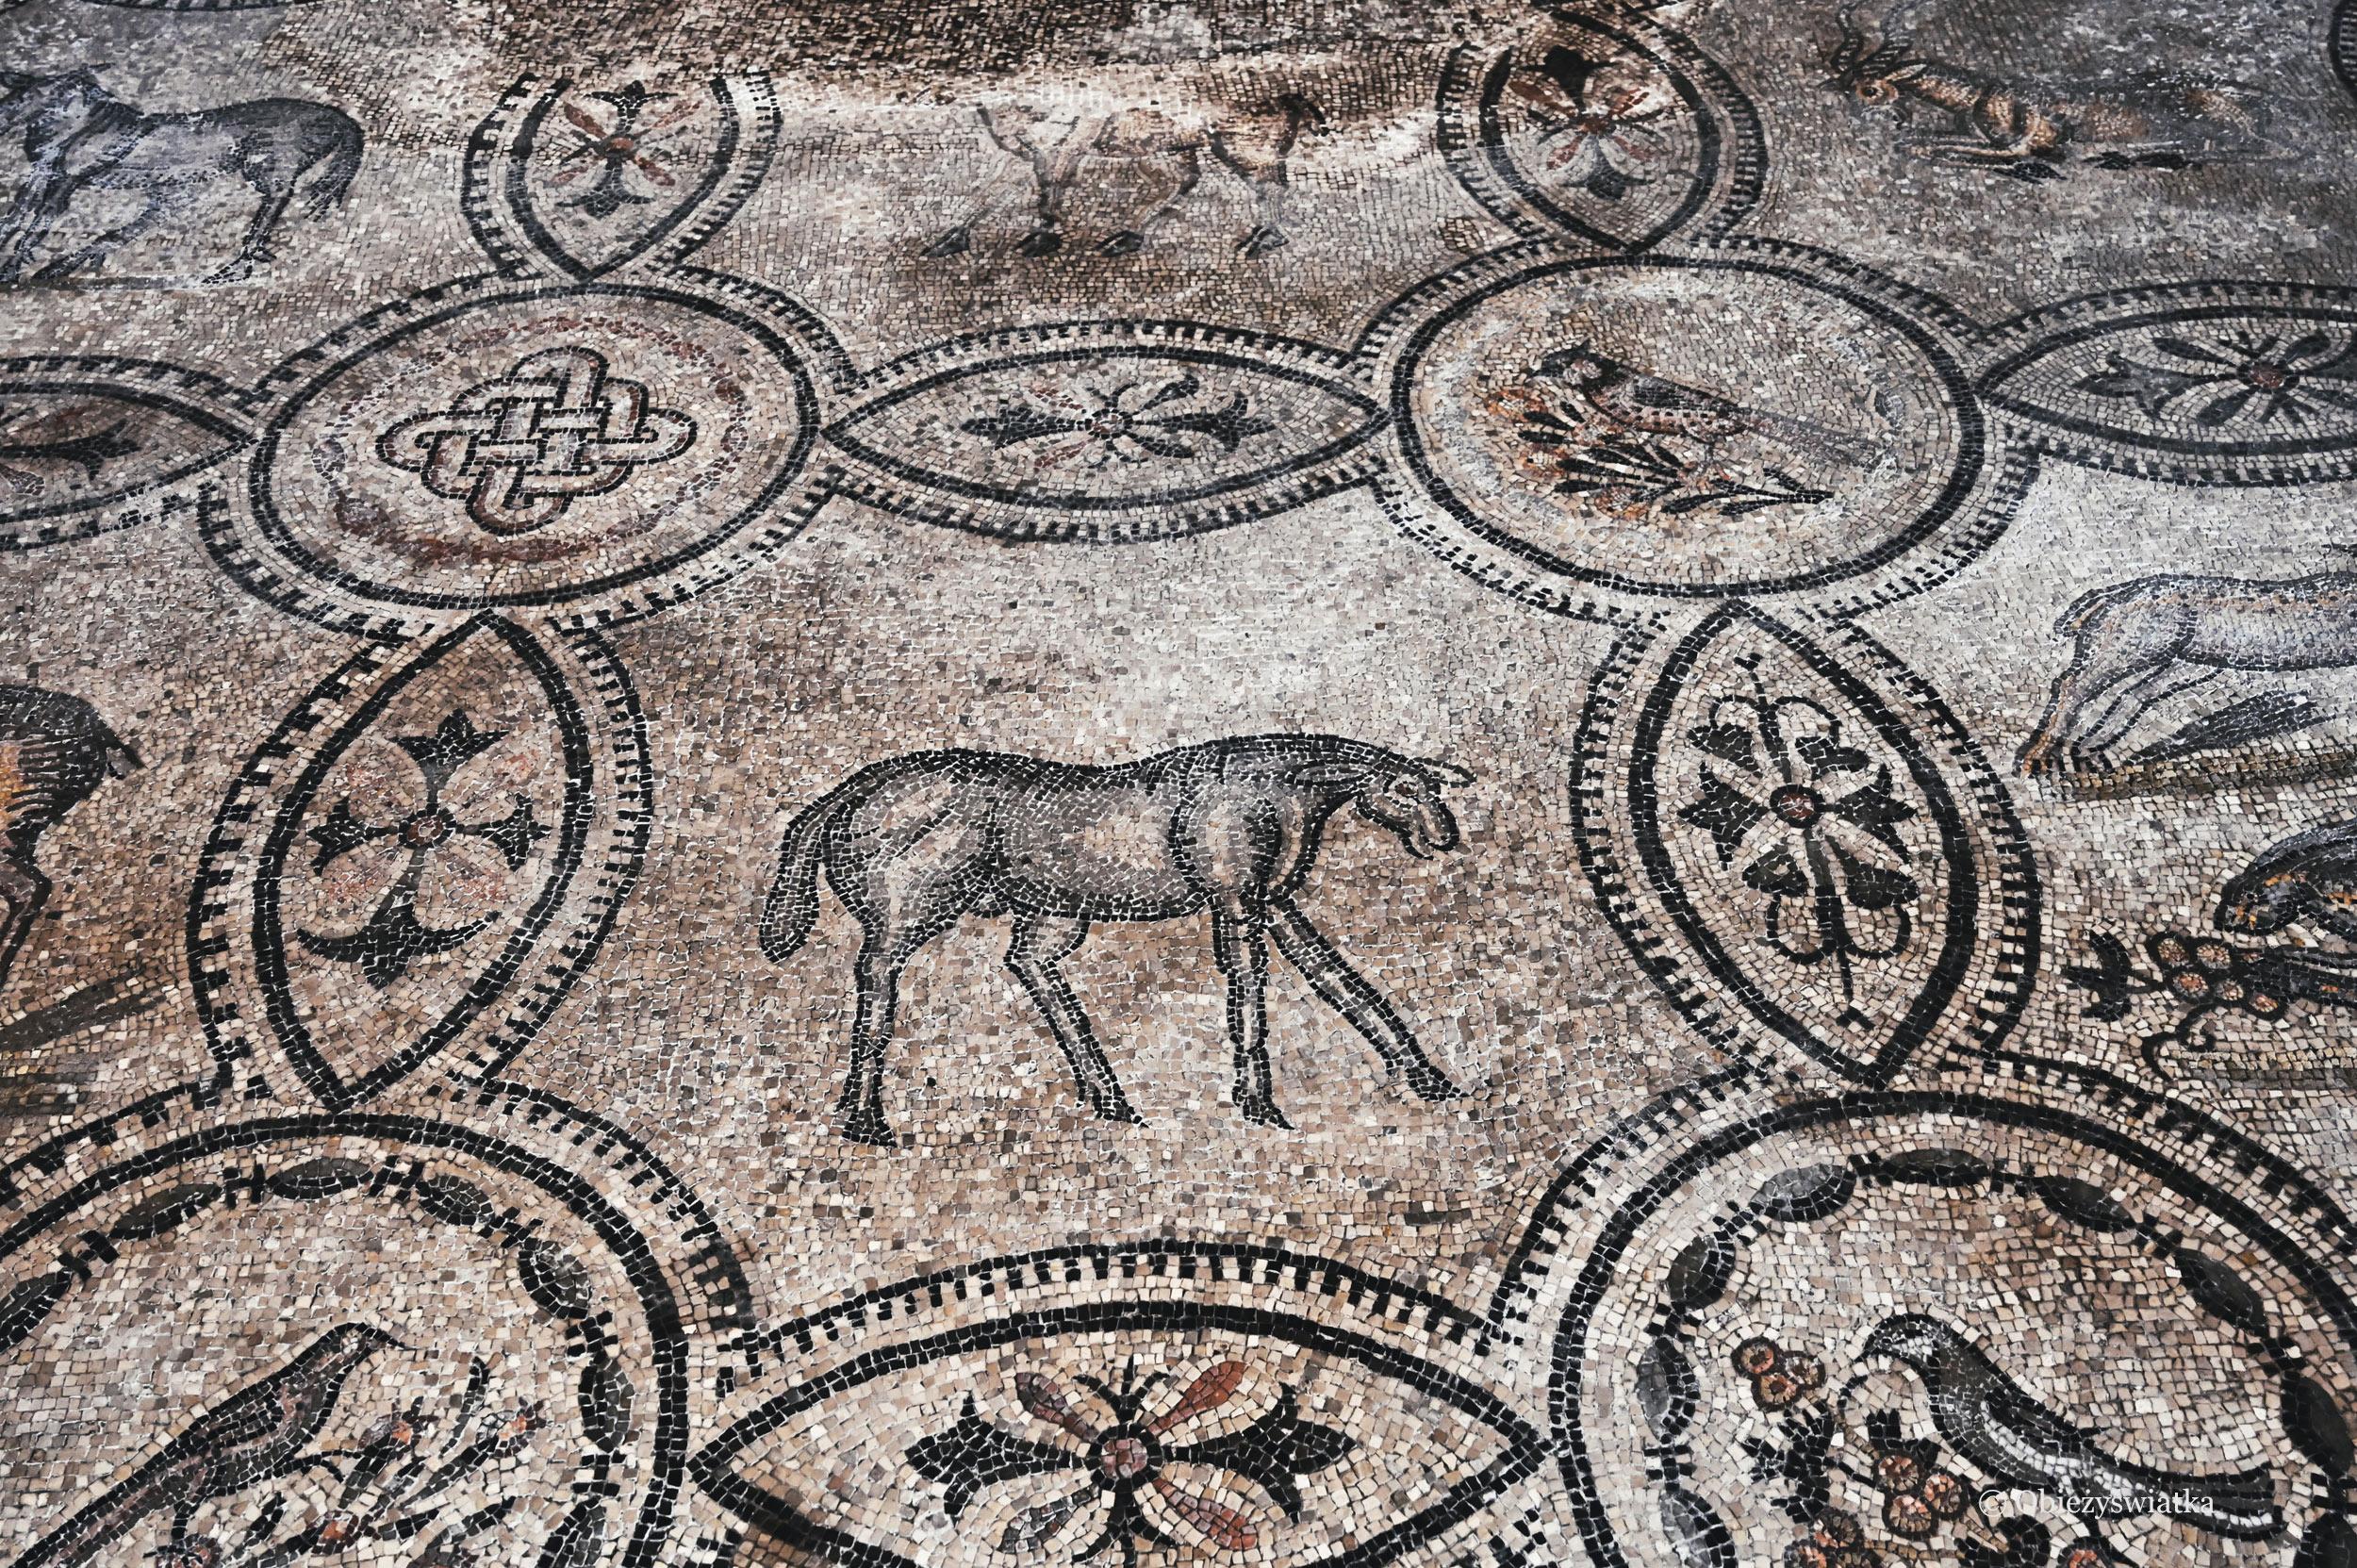 Motyw zwierzęcy - wczesnochrześcijańska mozaika, Akwileja